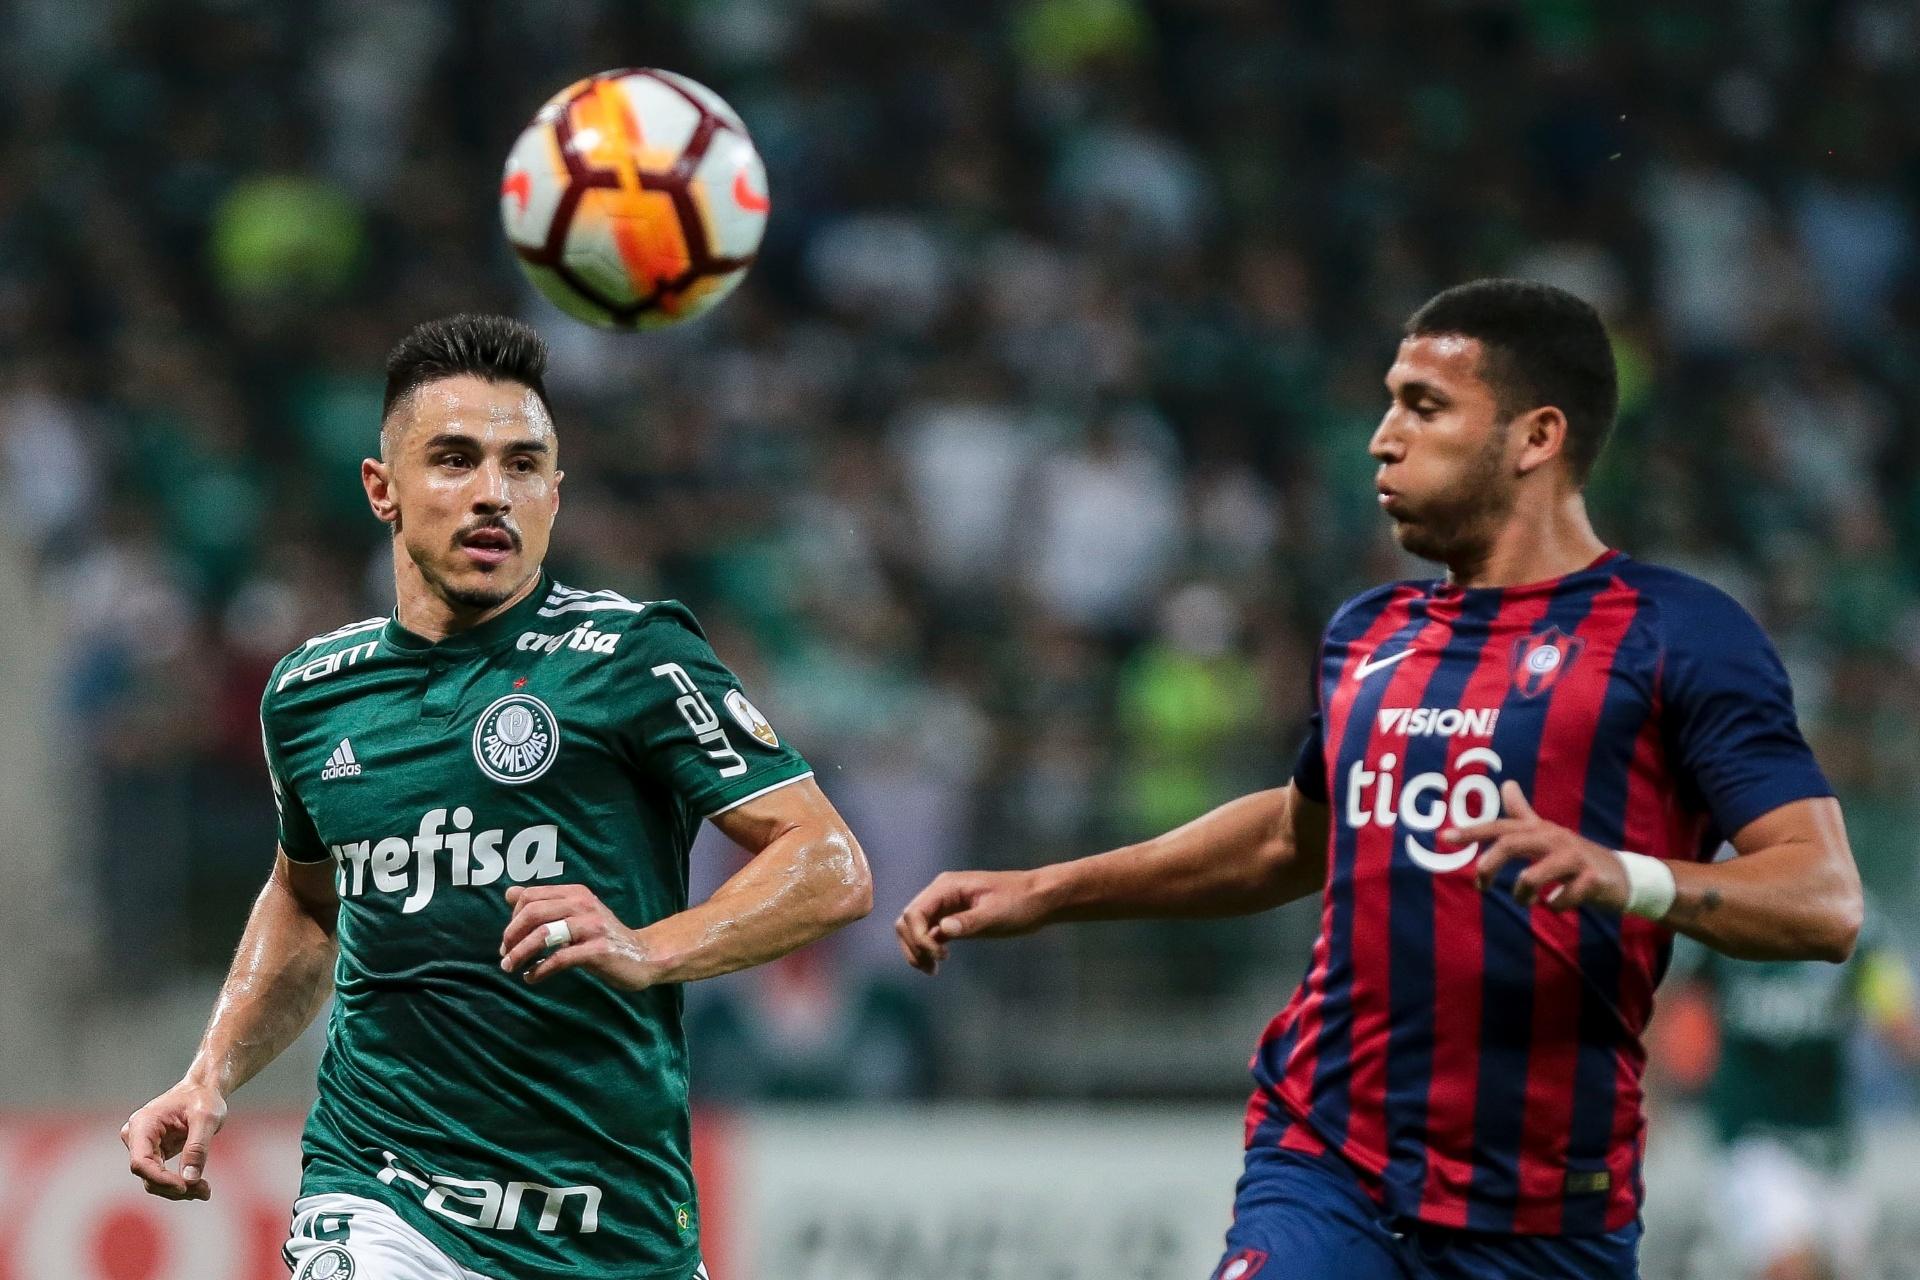 Palmeiras aposta em processo especial para recuperar Willian em reta final  - 13 11 2018 - UOL Esporte 63bca7b360ff7